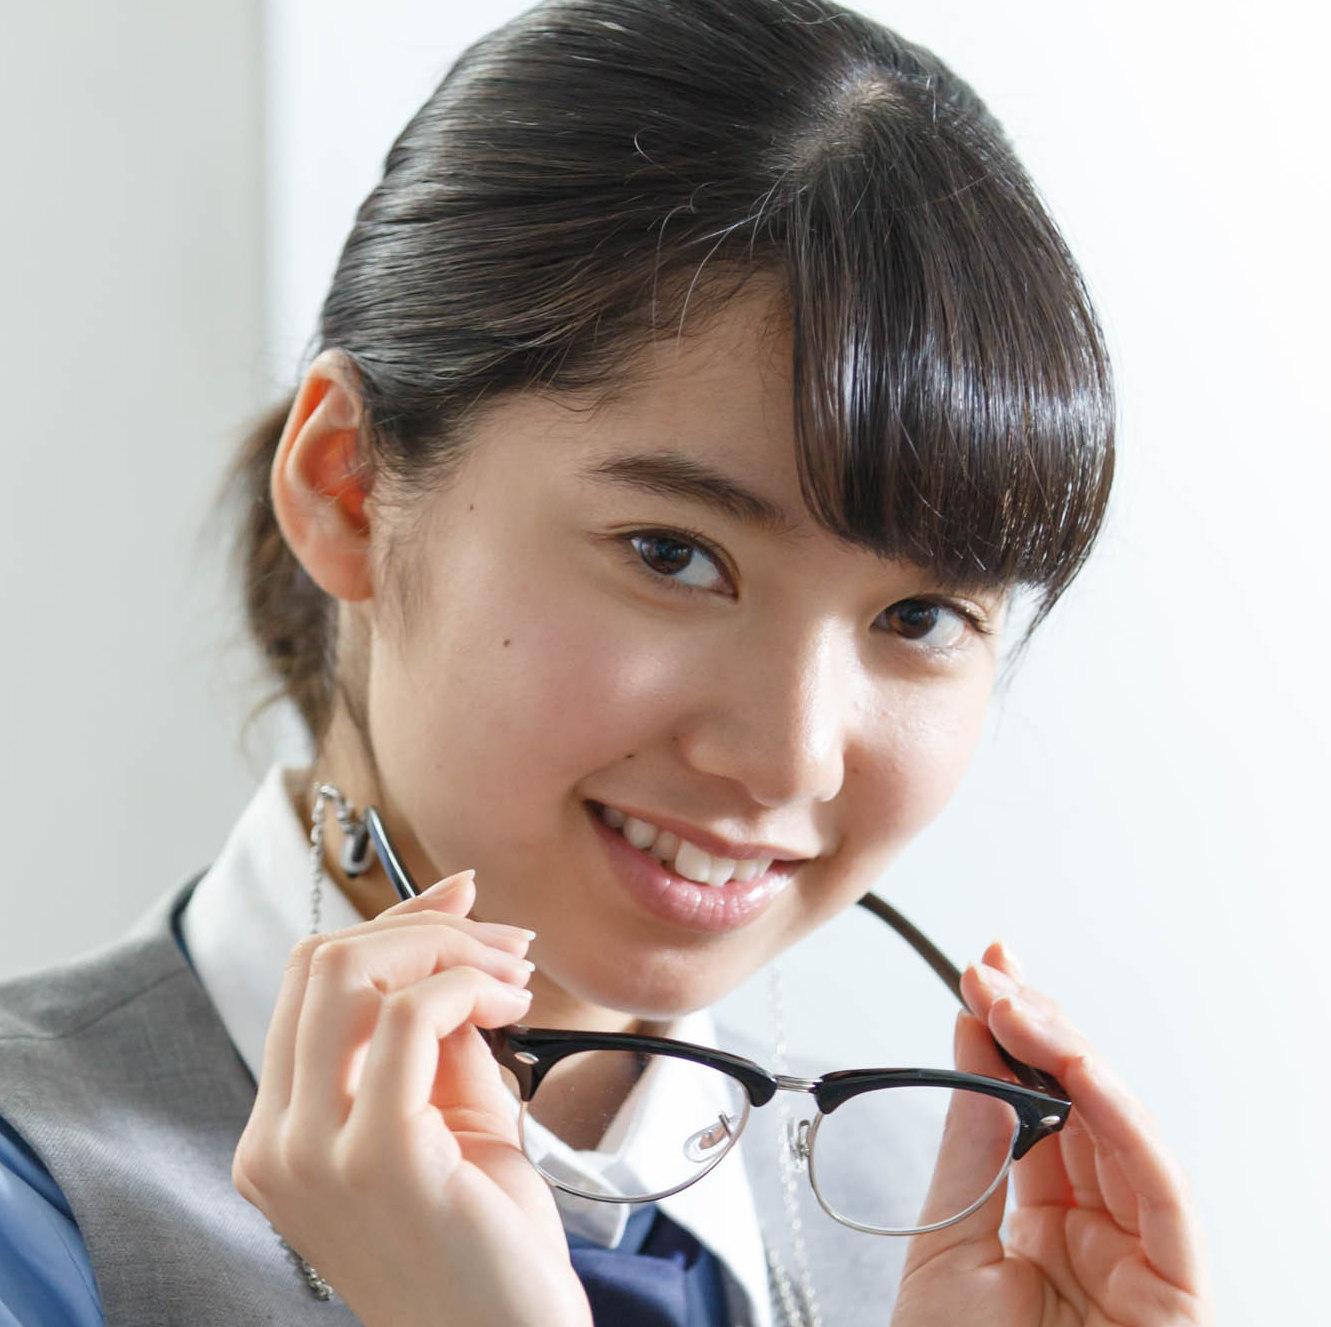 欅坂46・米谷奈々未さん<br />「演劇部とは空気が全然違いました」